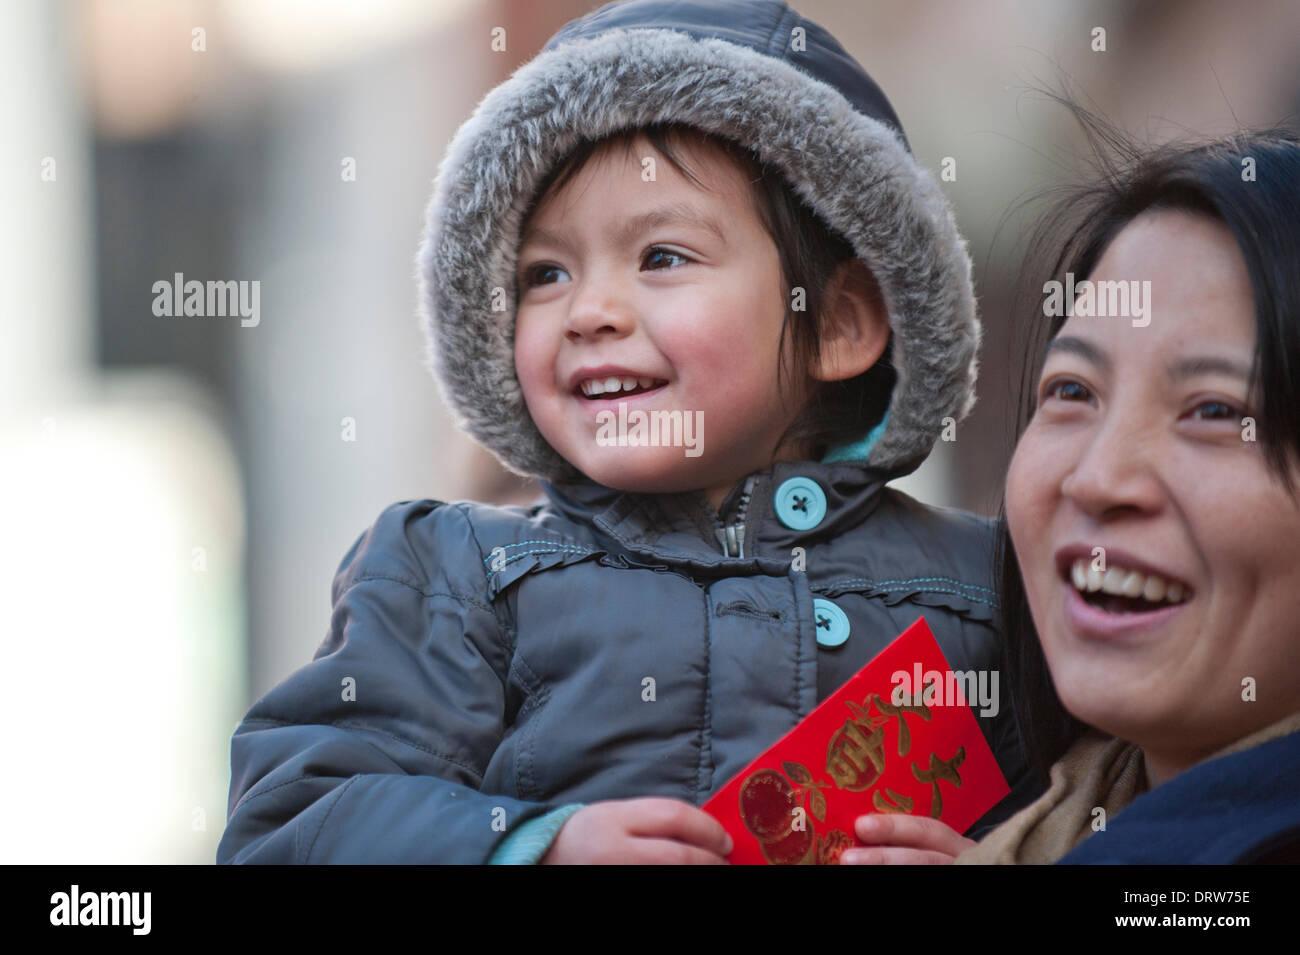 Manchester, UK. 2 février 2014. Un jeune spectateur bénéficie de la célébration du Nouvel An chinois 2014 (année du cheval), qui a commencé par un défilé dans Albert Square dirigé par un dragon 175ft longtemps exploité par le Maître Chu La Danse du Lion club Crédit: Russell Hart/Alamy Live News. Photo Stock